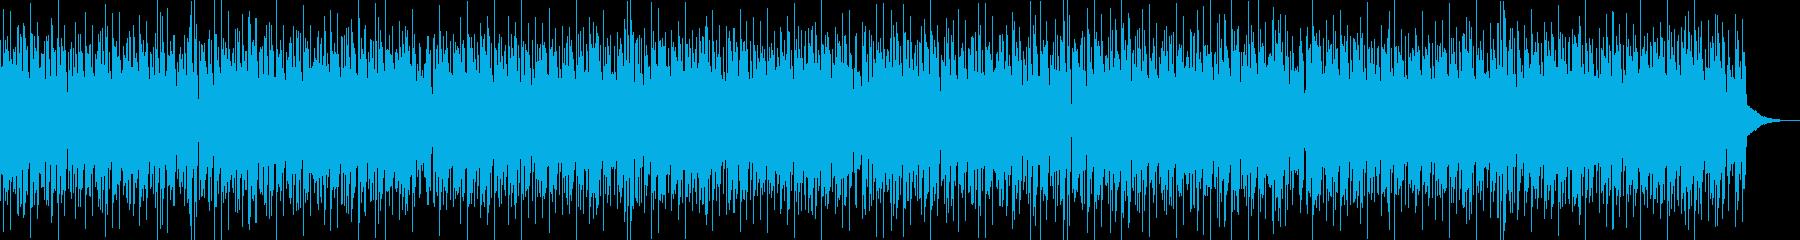 爽やか・EDM・エンディング・スポーツの再生済みの波形